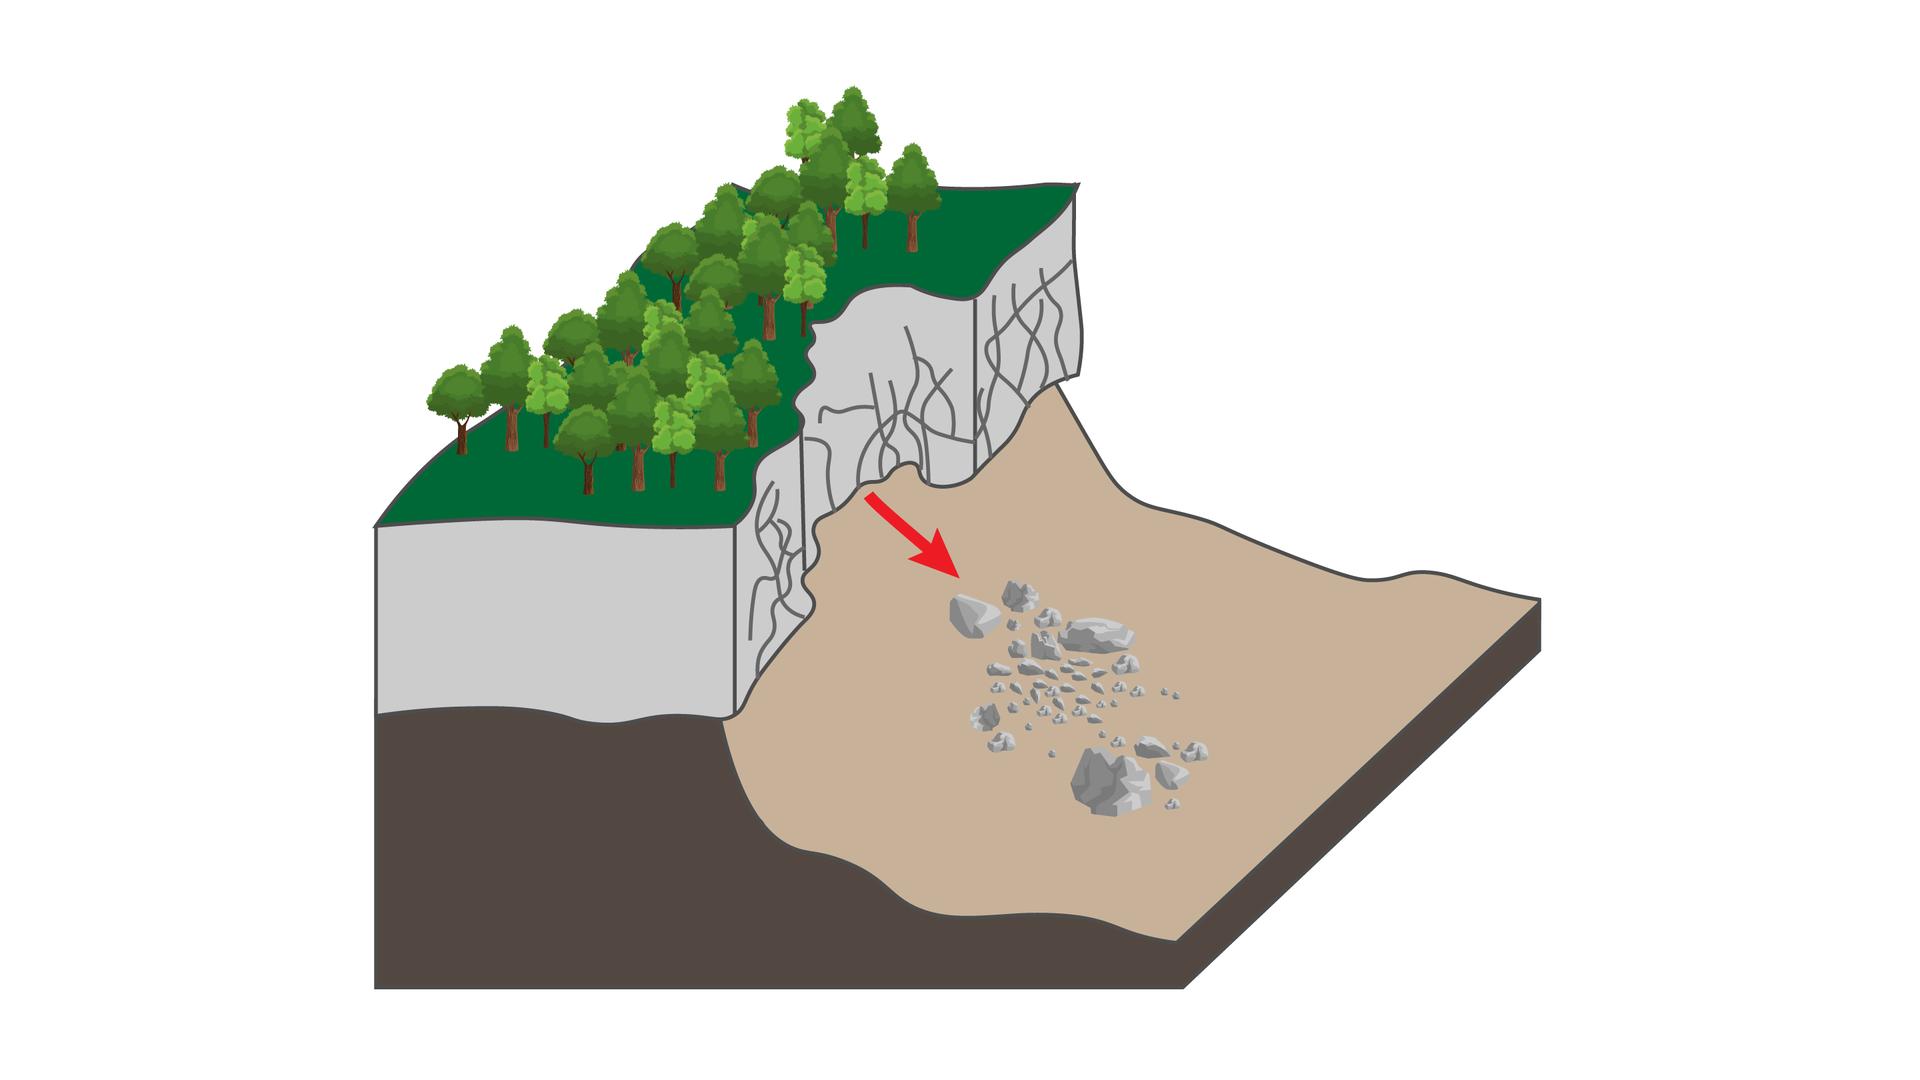 Schemat obrywu formacji skalnej